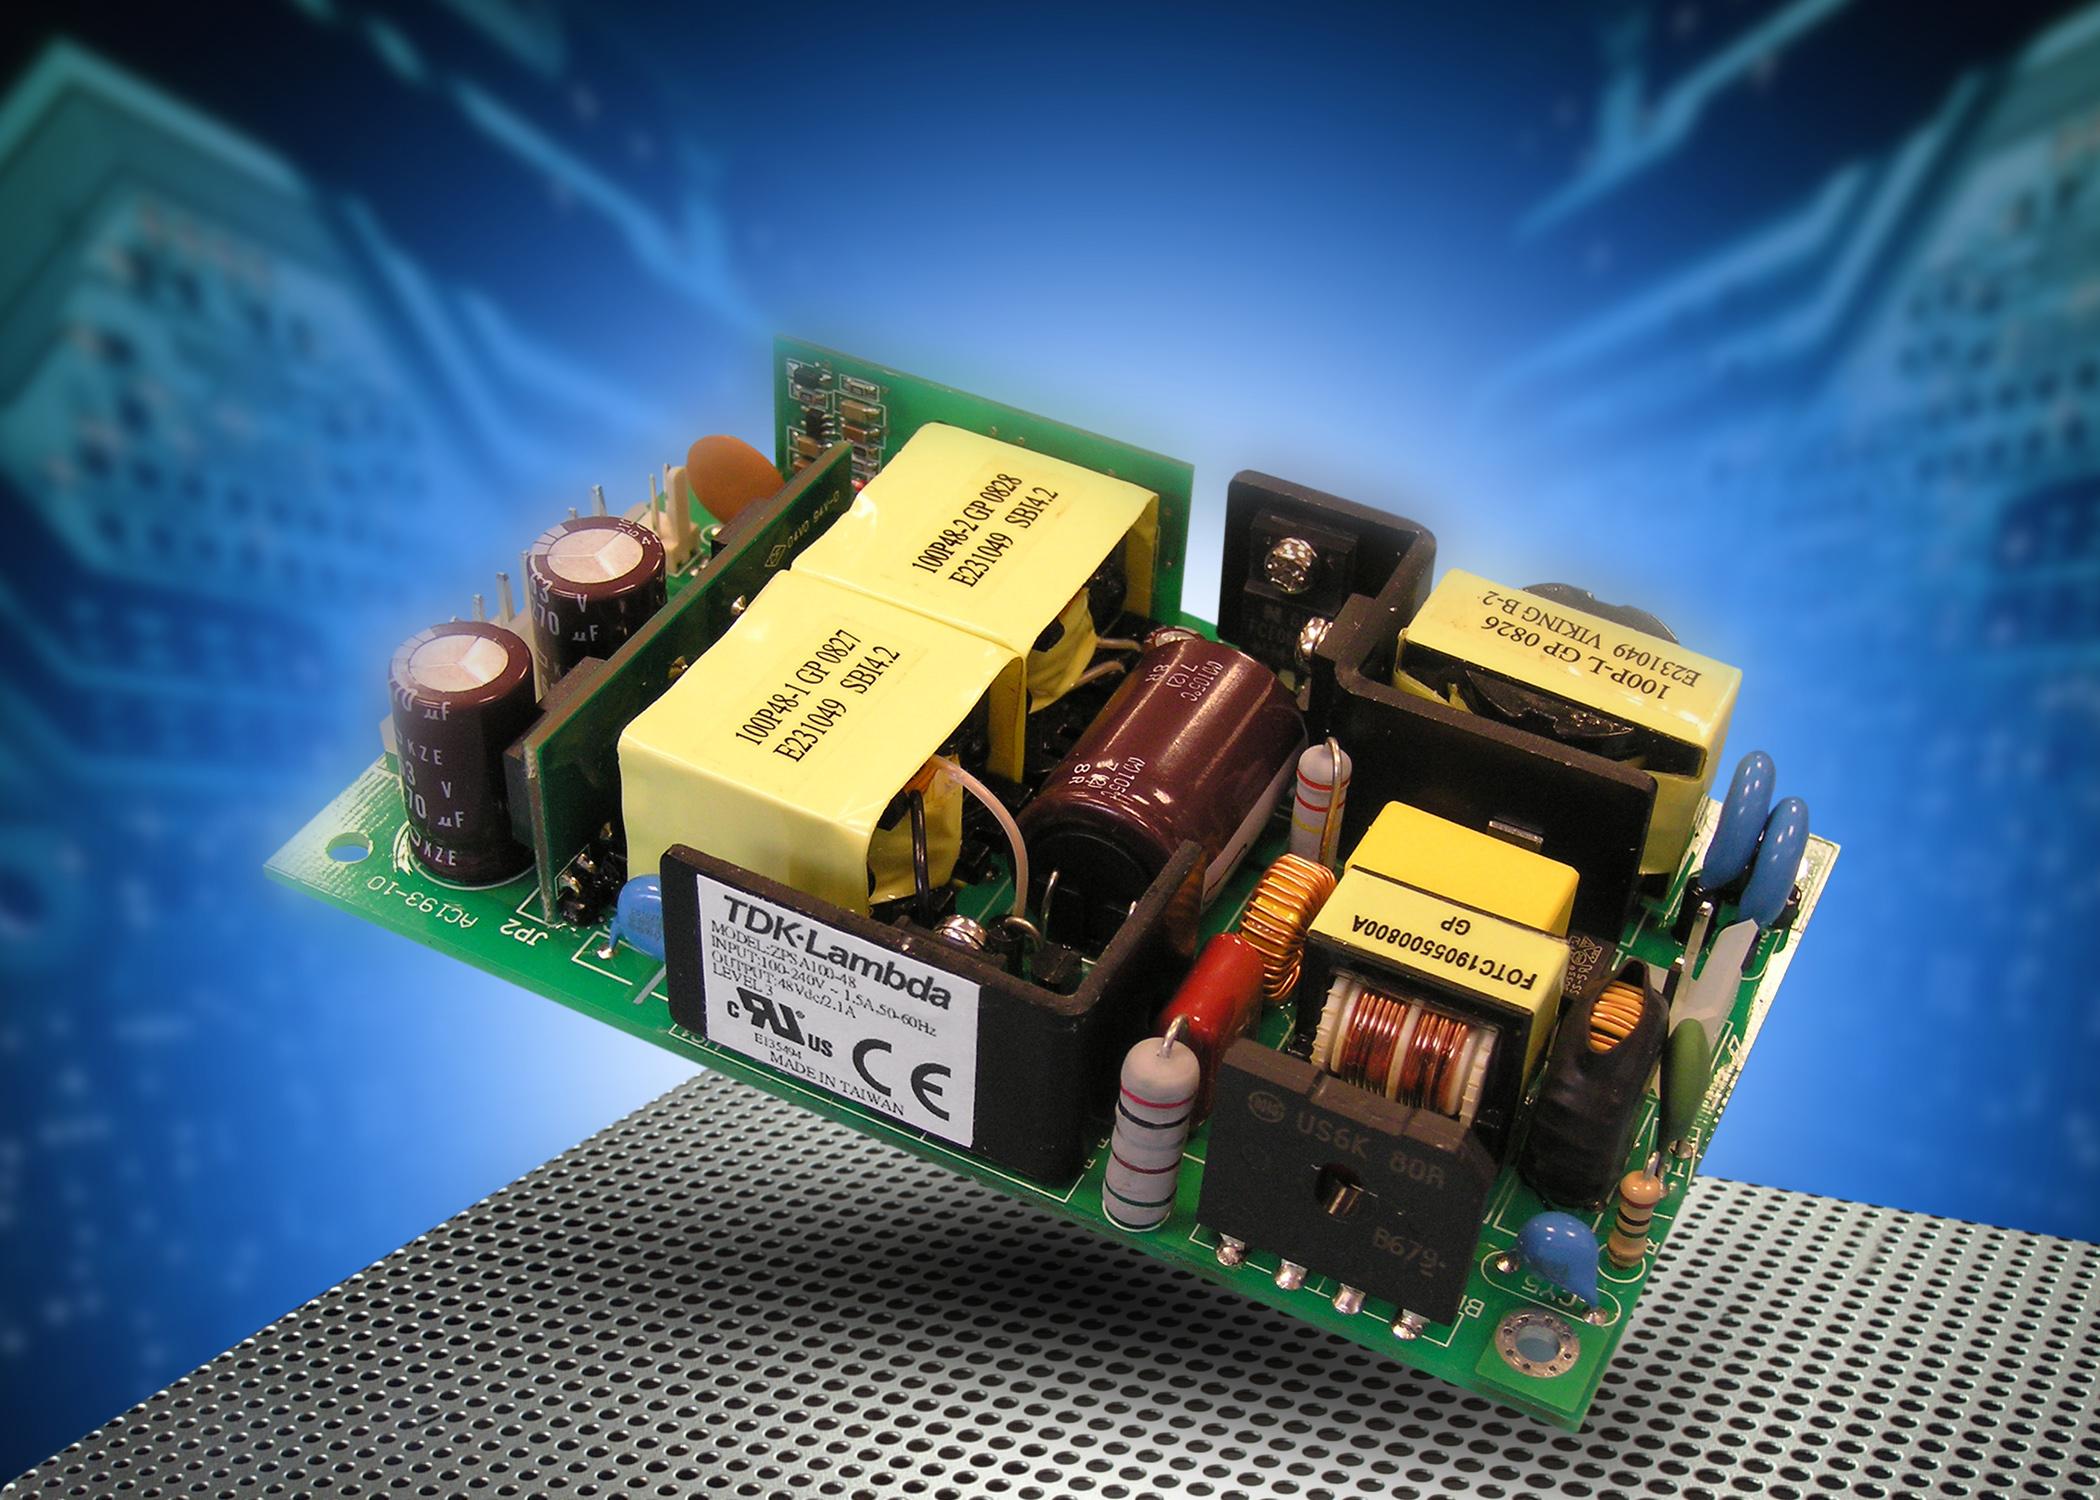 100-Вт низкопрофильные источники питания AC/DC для монтажа на печатную плату